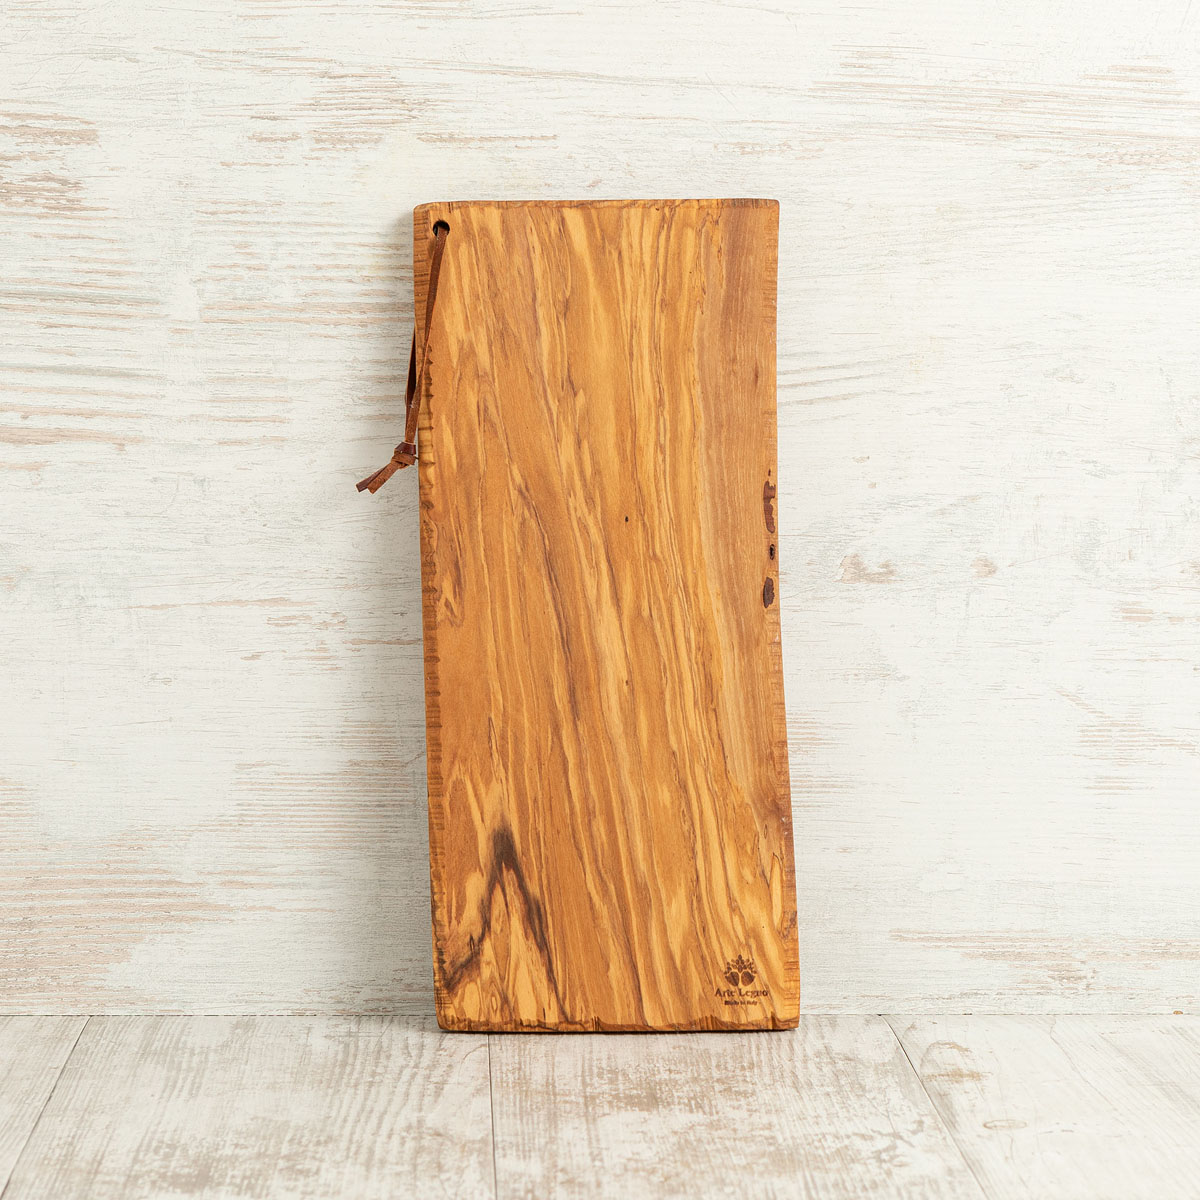 Tagliere lato seghettato in legno di ulivo | Arte Legno